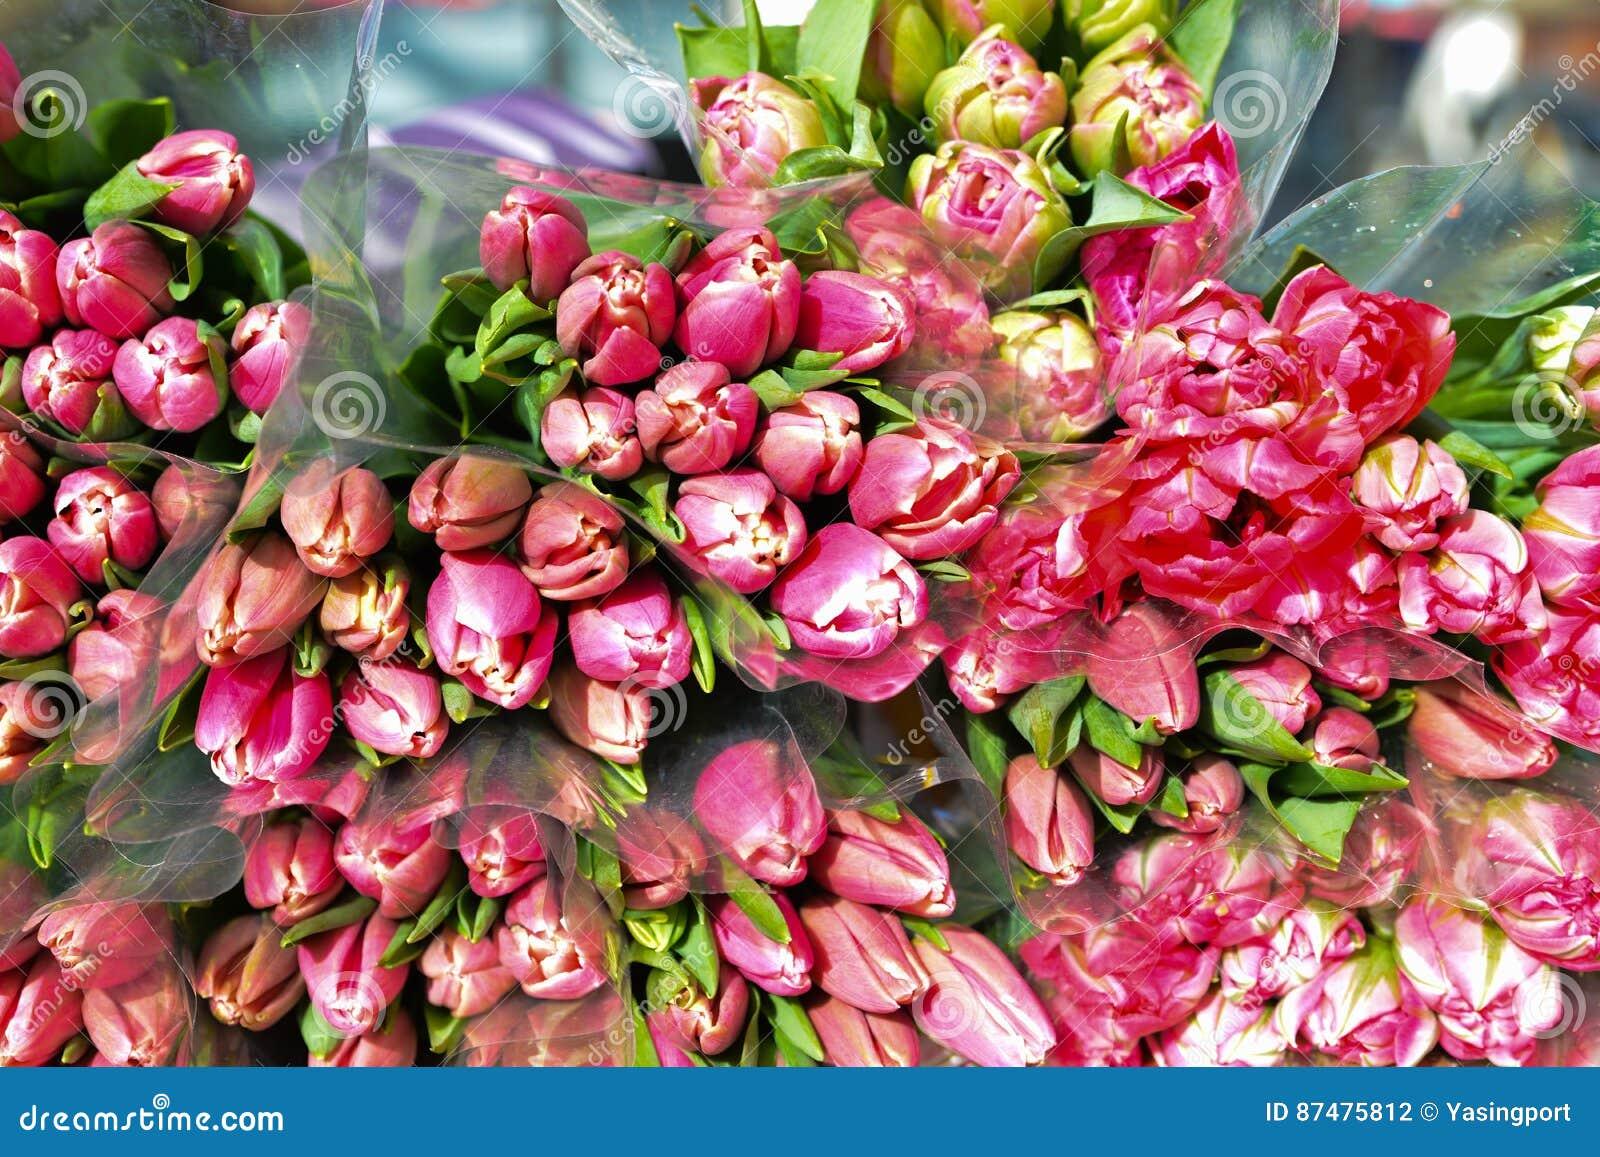 Розовые тюльпаны цветут для продажи